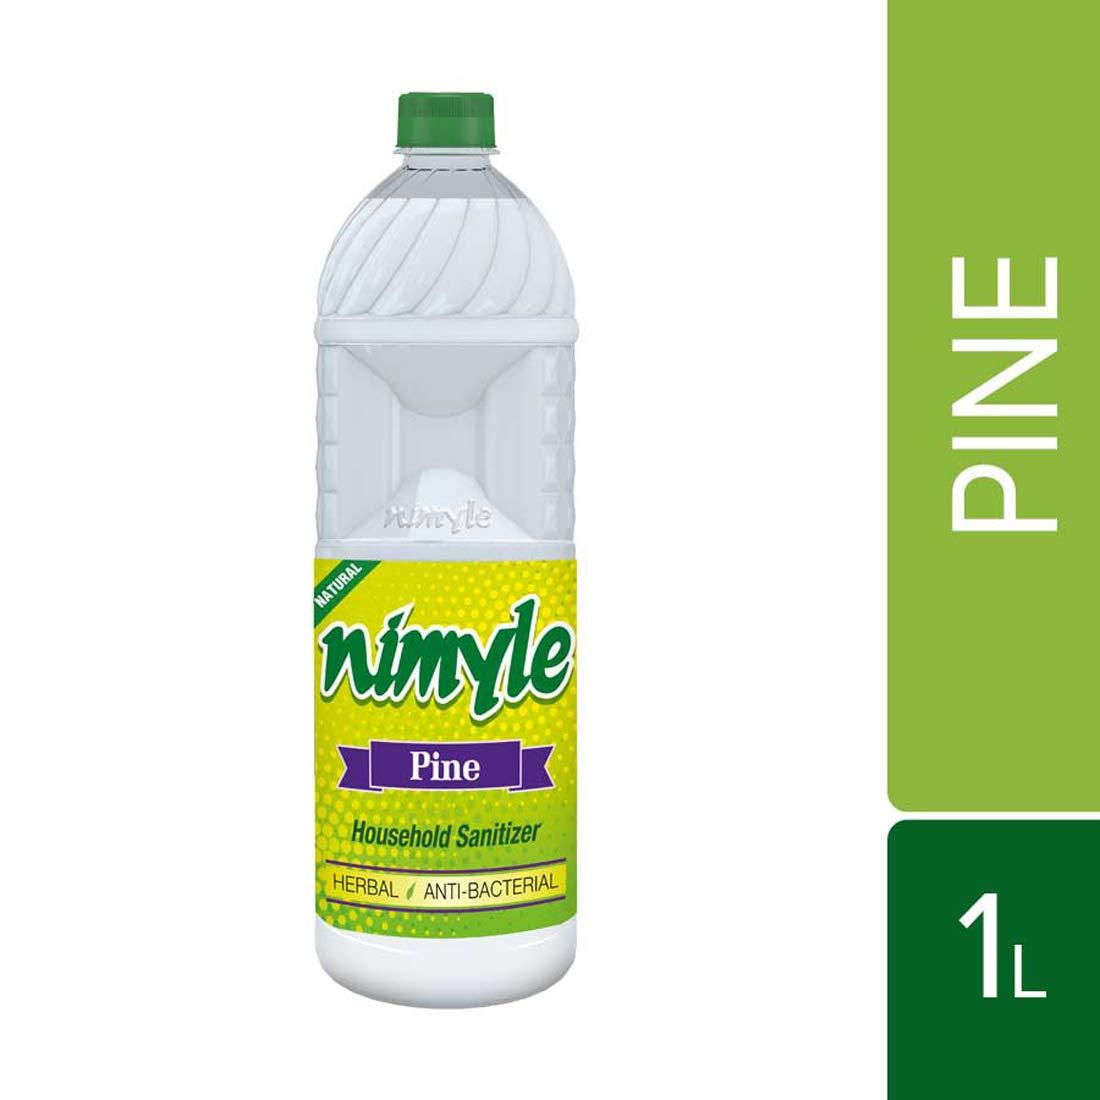 Nimyle Pine Floor Cleaner